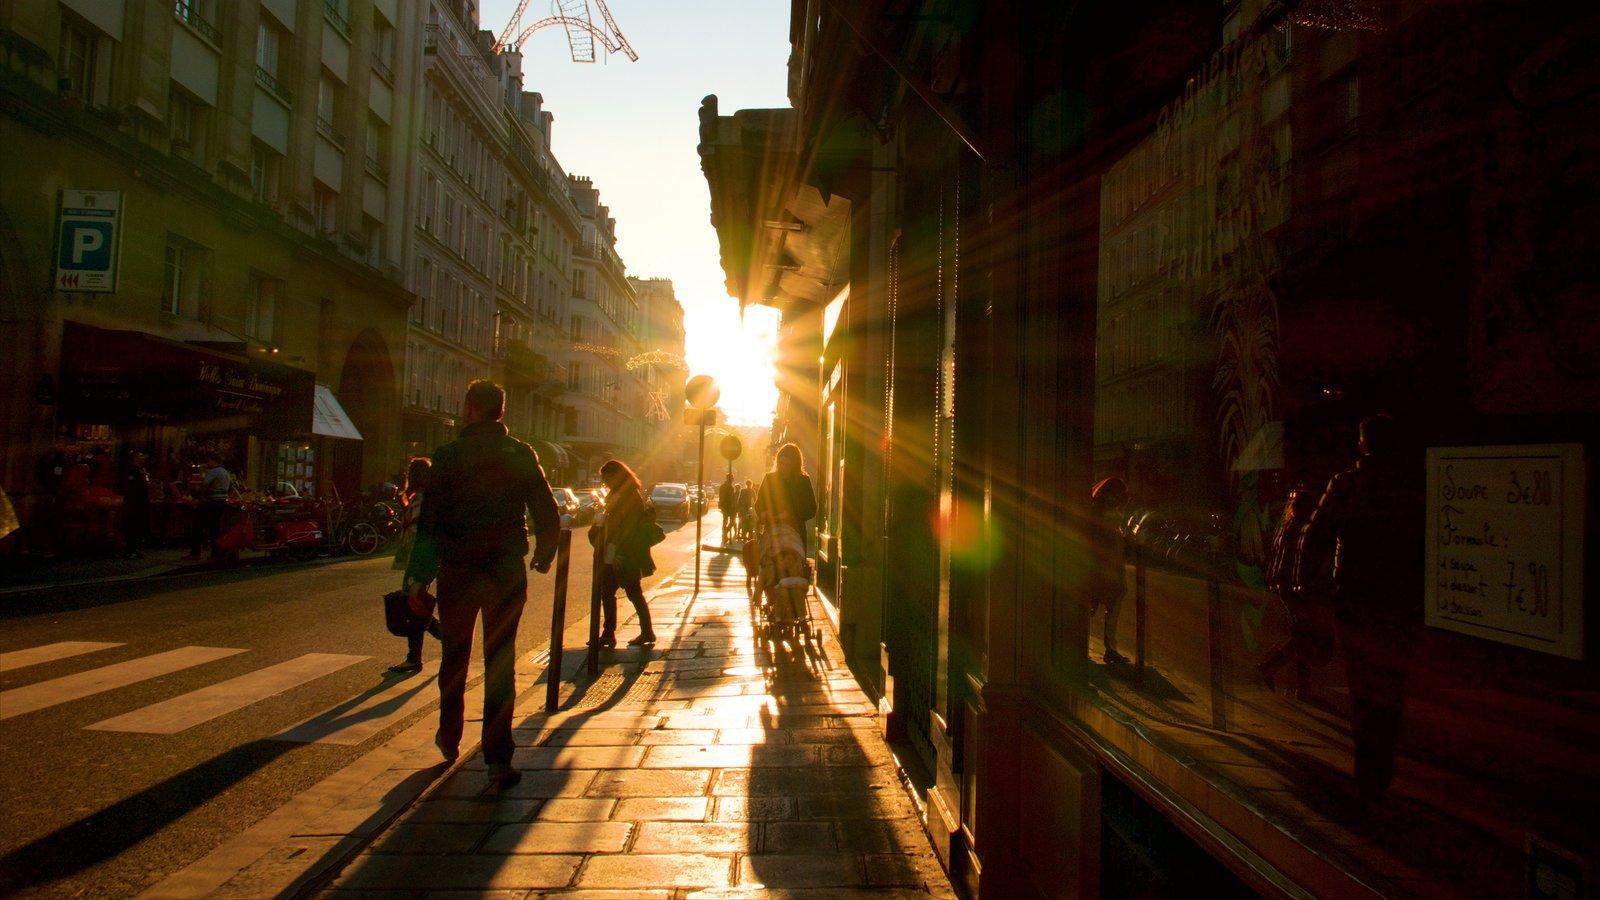 7º Arrondissement caracterizando cenas de rua, um pôr do sol e uma cidade